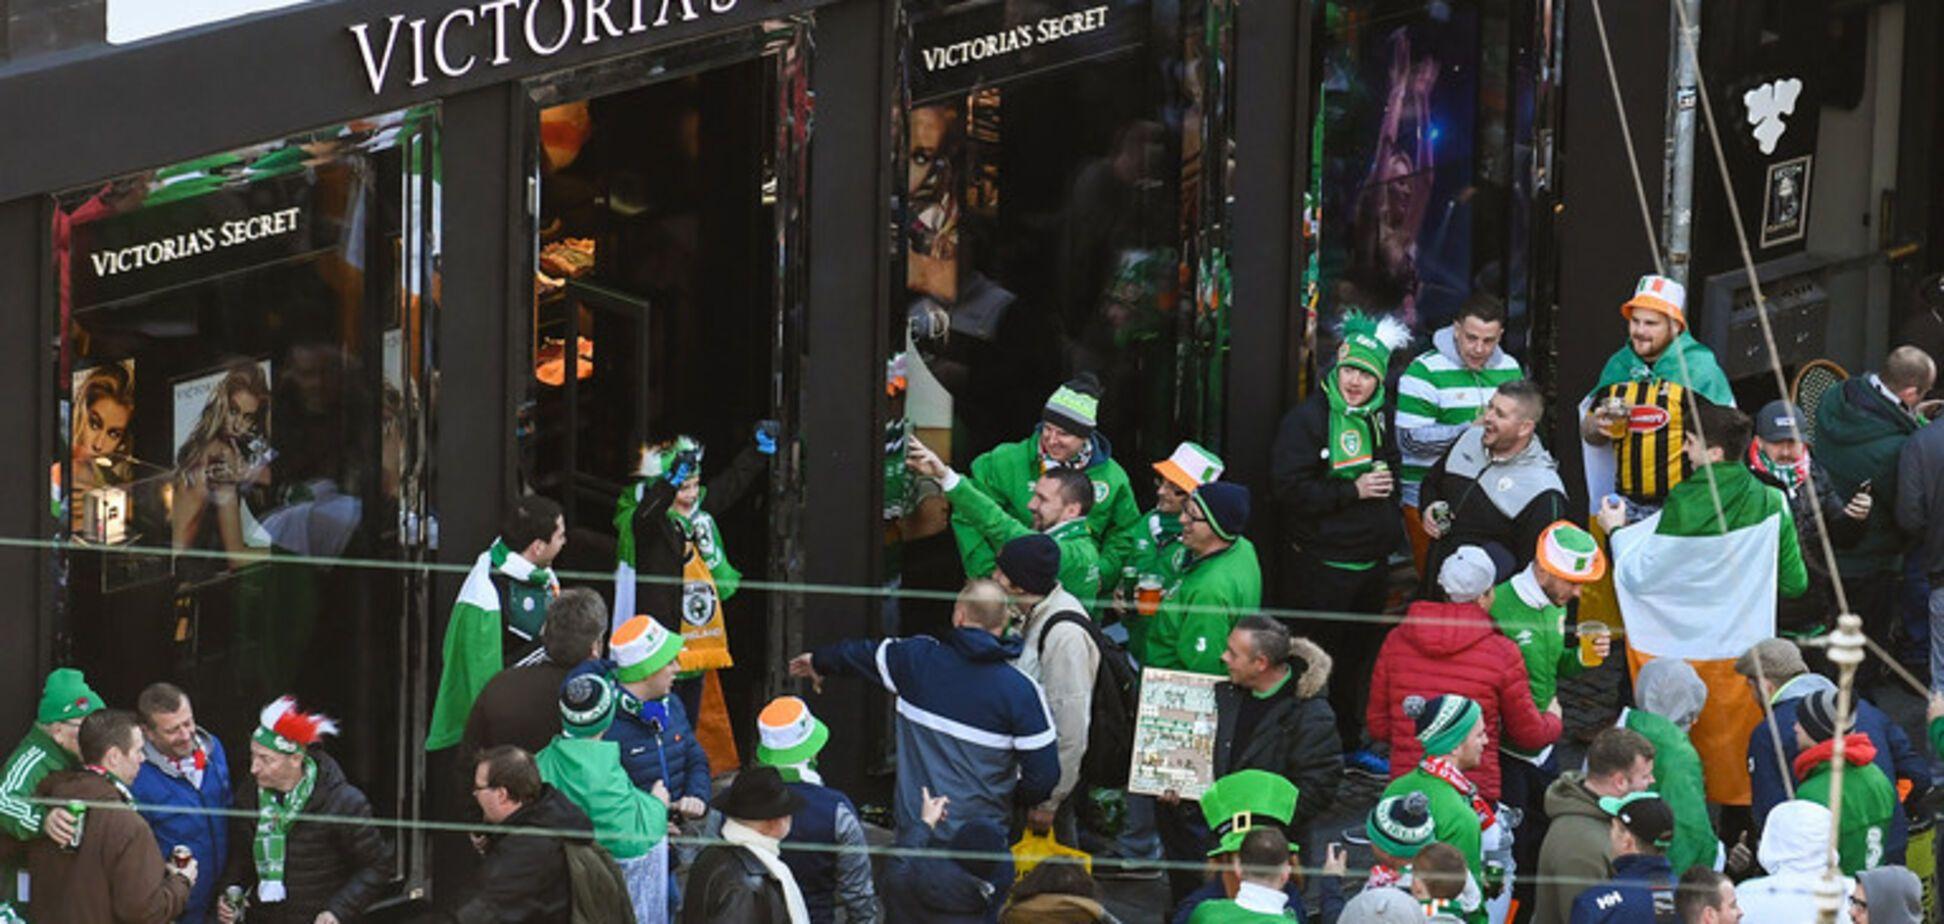 Натовп фанатів познущався над відвідувачами магазину жіночої білизни